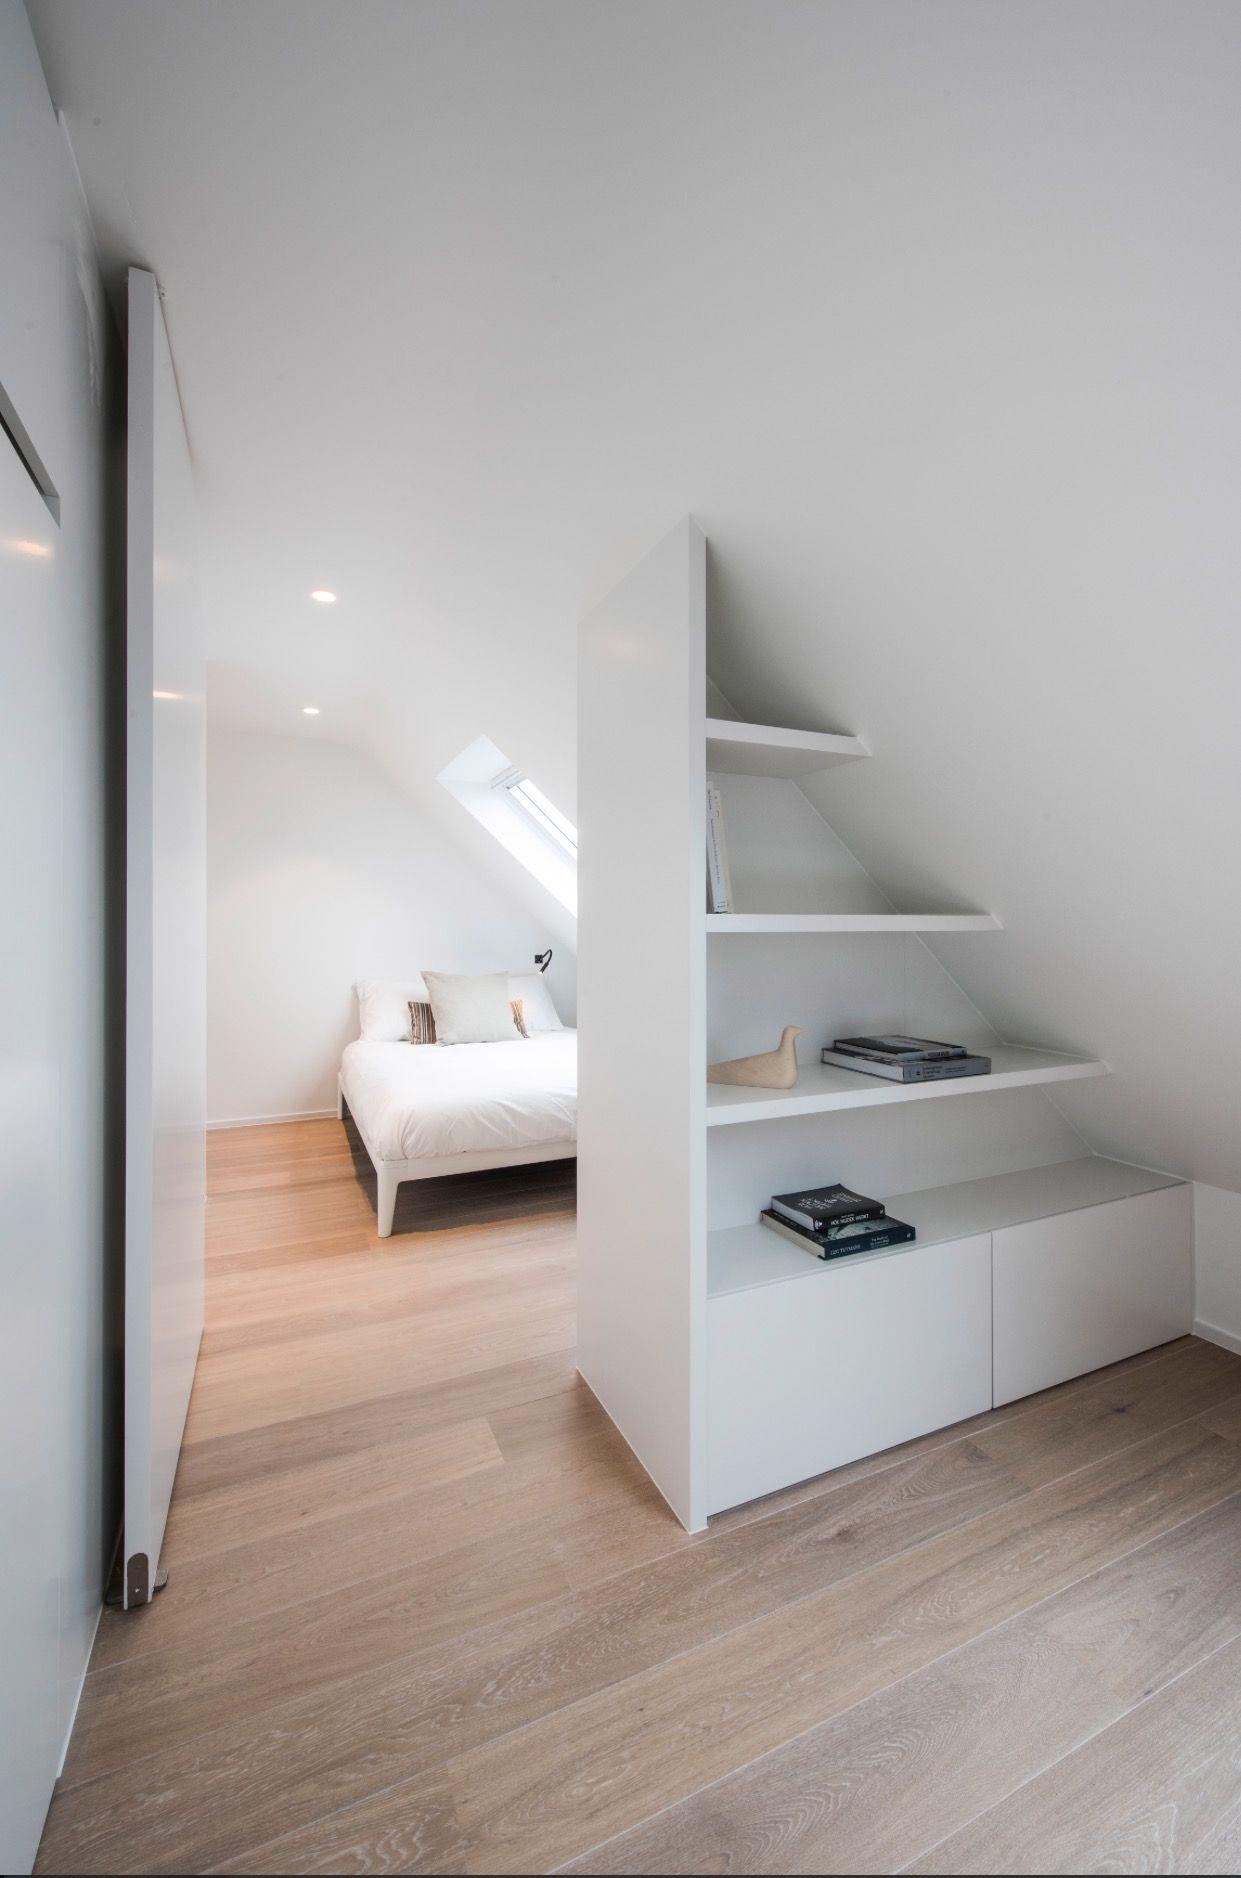 Idee voor langwerpige slaapkamer bovenverdieping | interiors ...